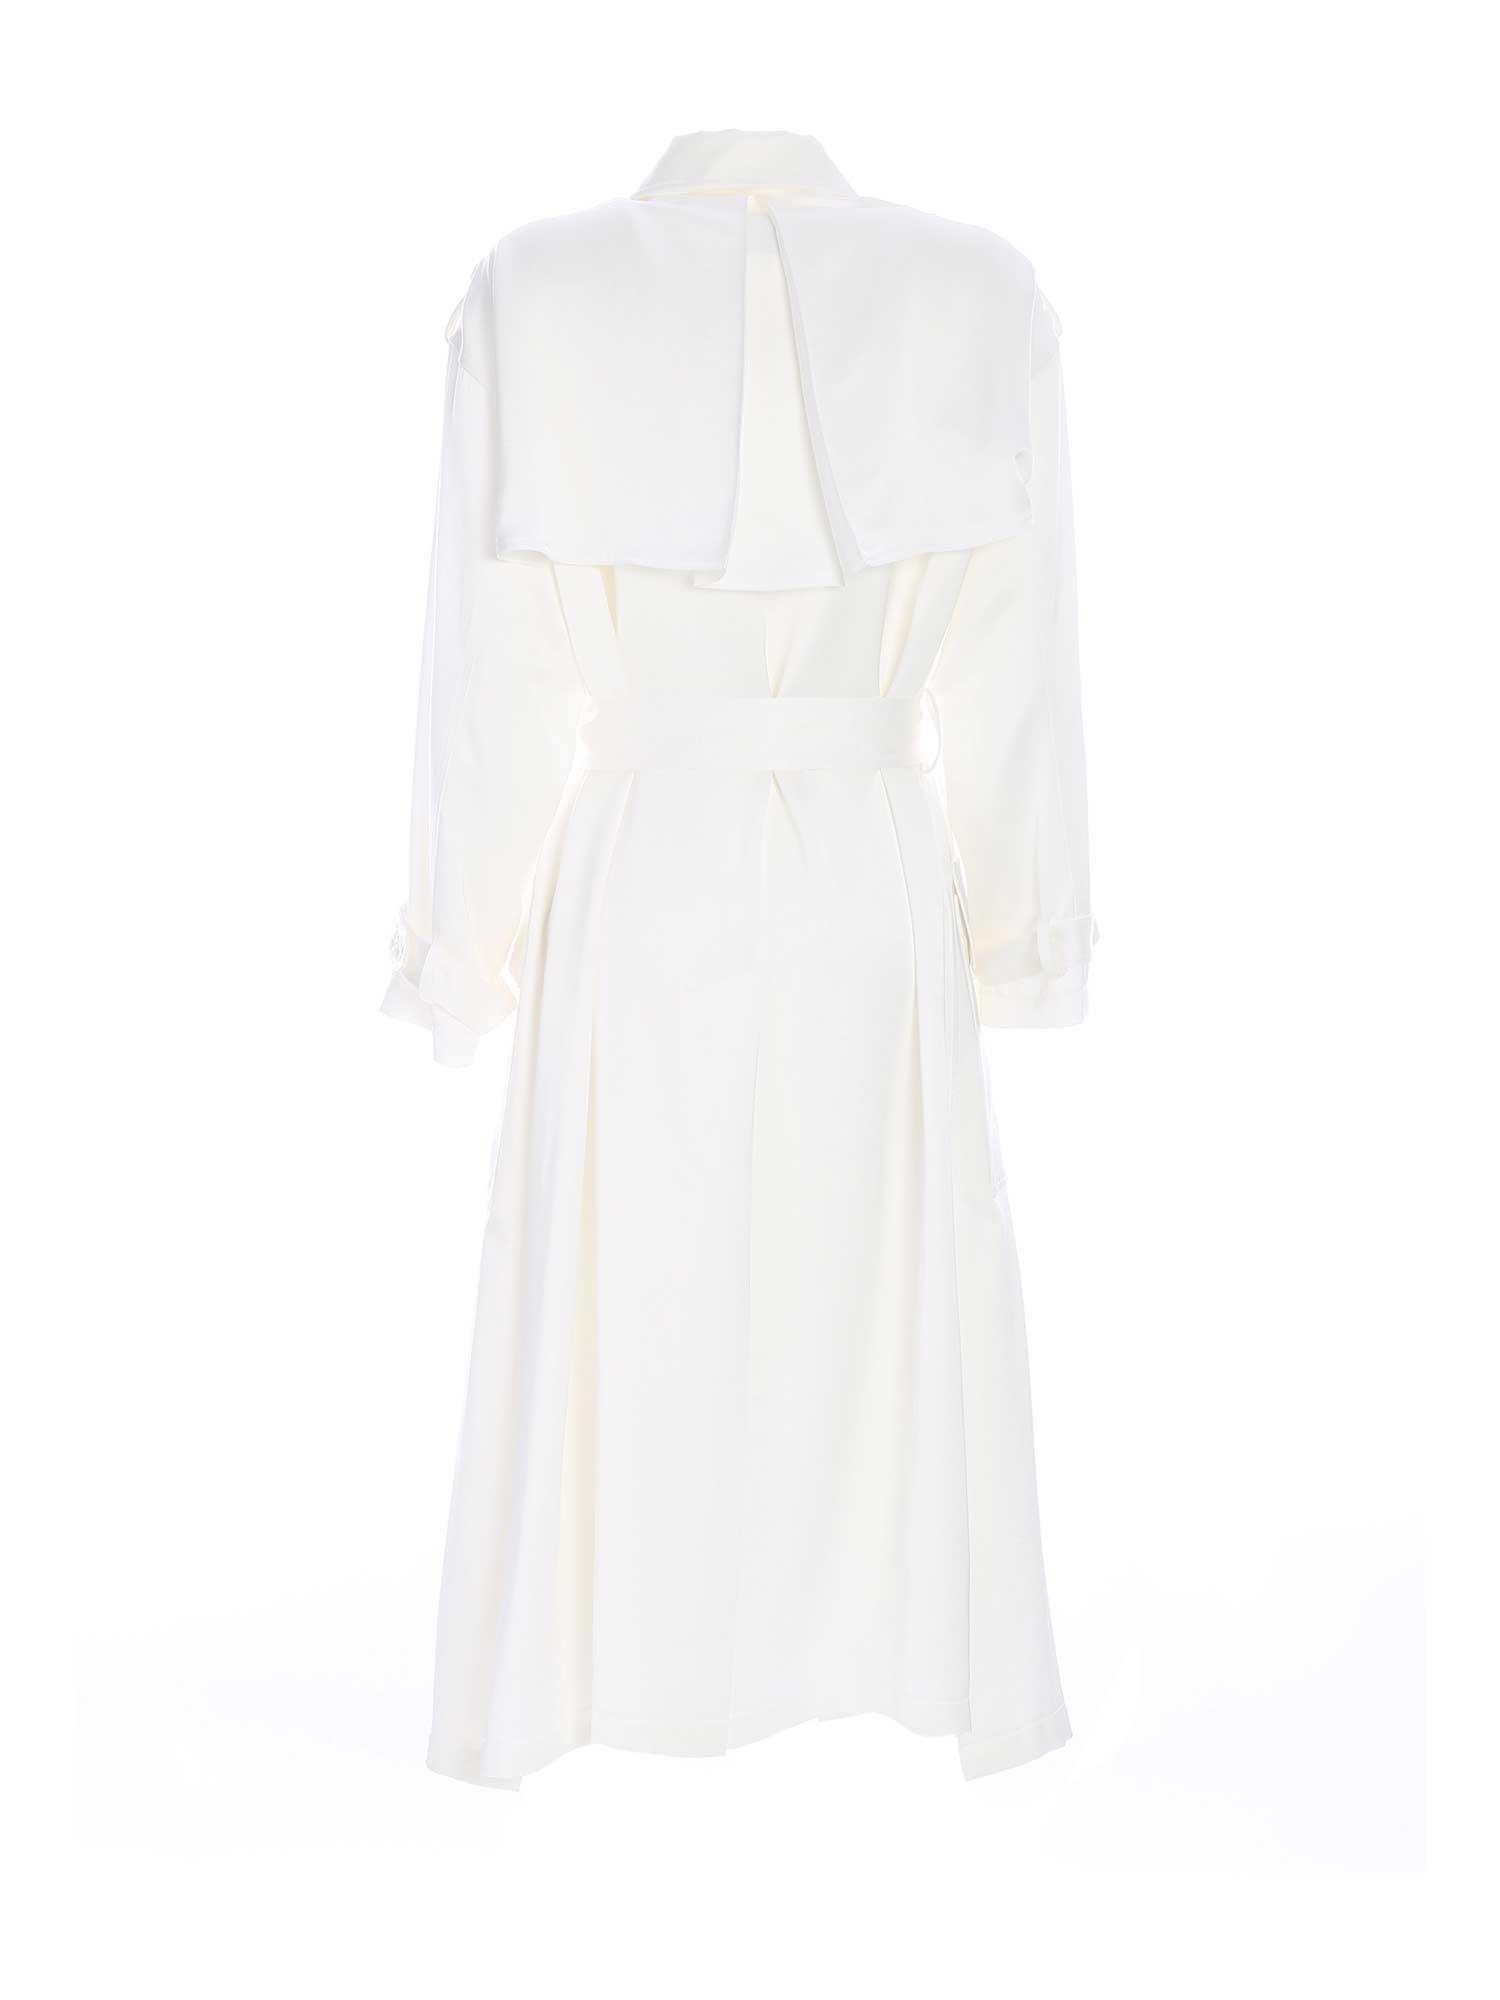 DOUBLE-BREASTED TRENCH COAT IN WHITE PAOLO FIORILLO CAPRI | 10000015 | 29503004702